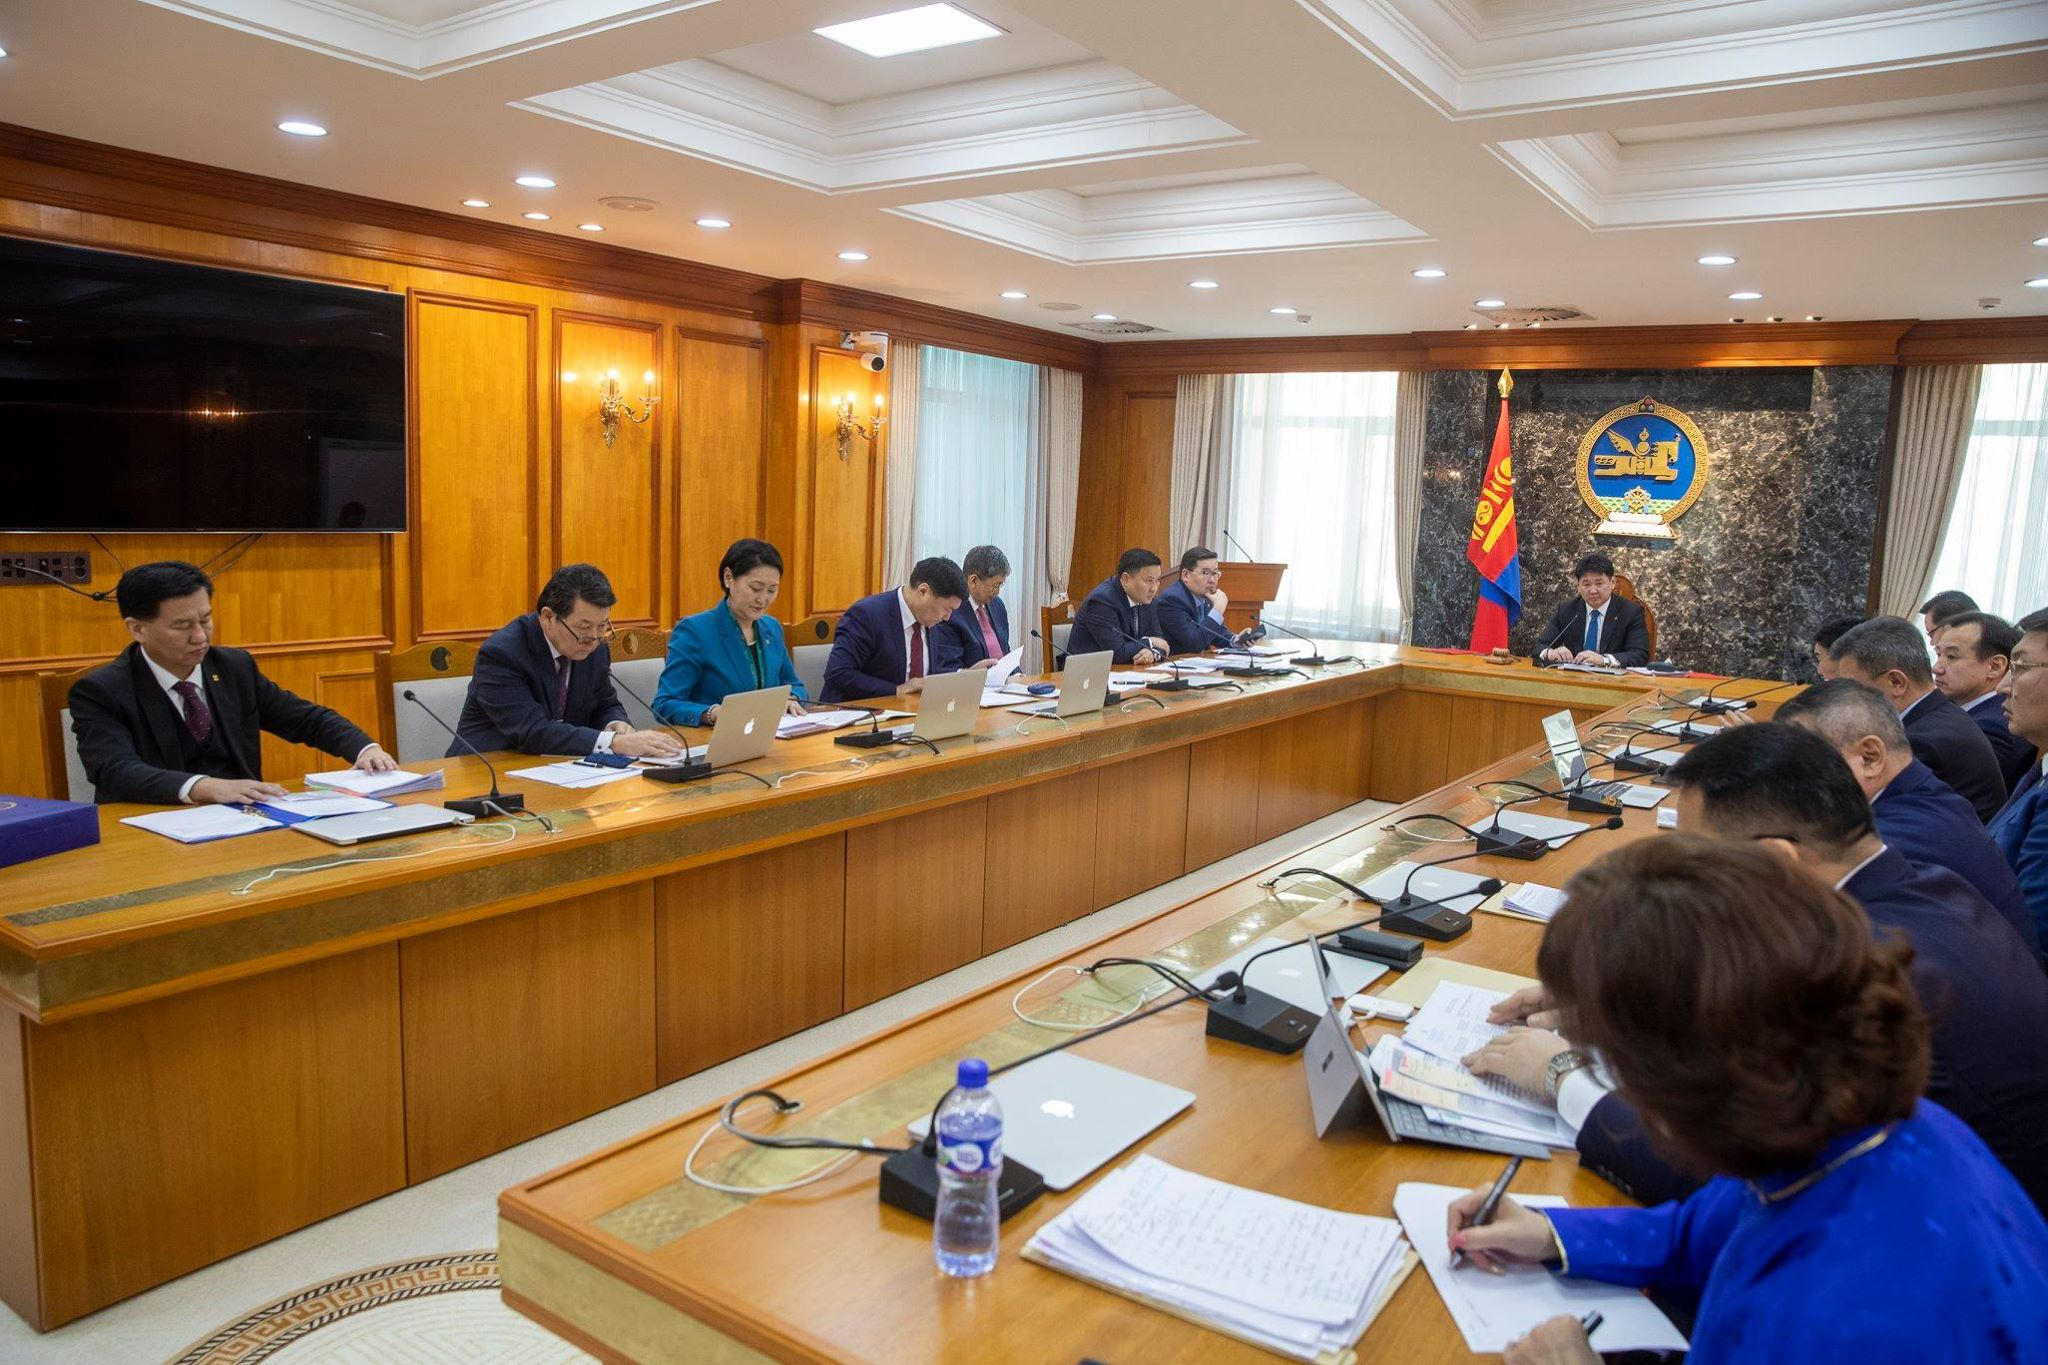 """""""Эрүүл хүнс-Эрүүл монгол хүн"""" үндэсний хөтөлбөр батлагдлаа"""